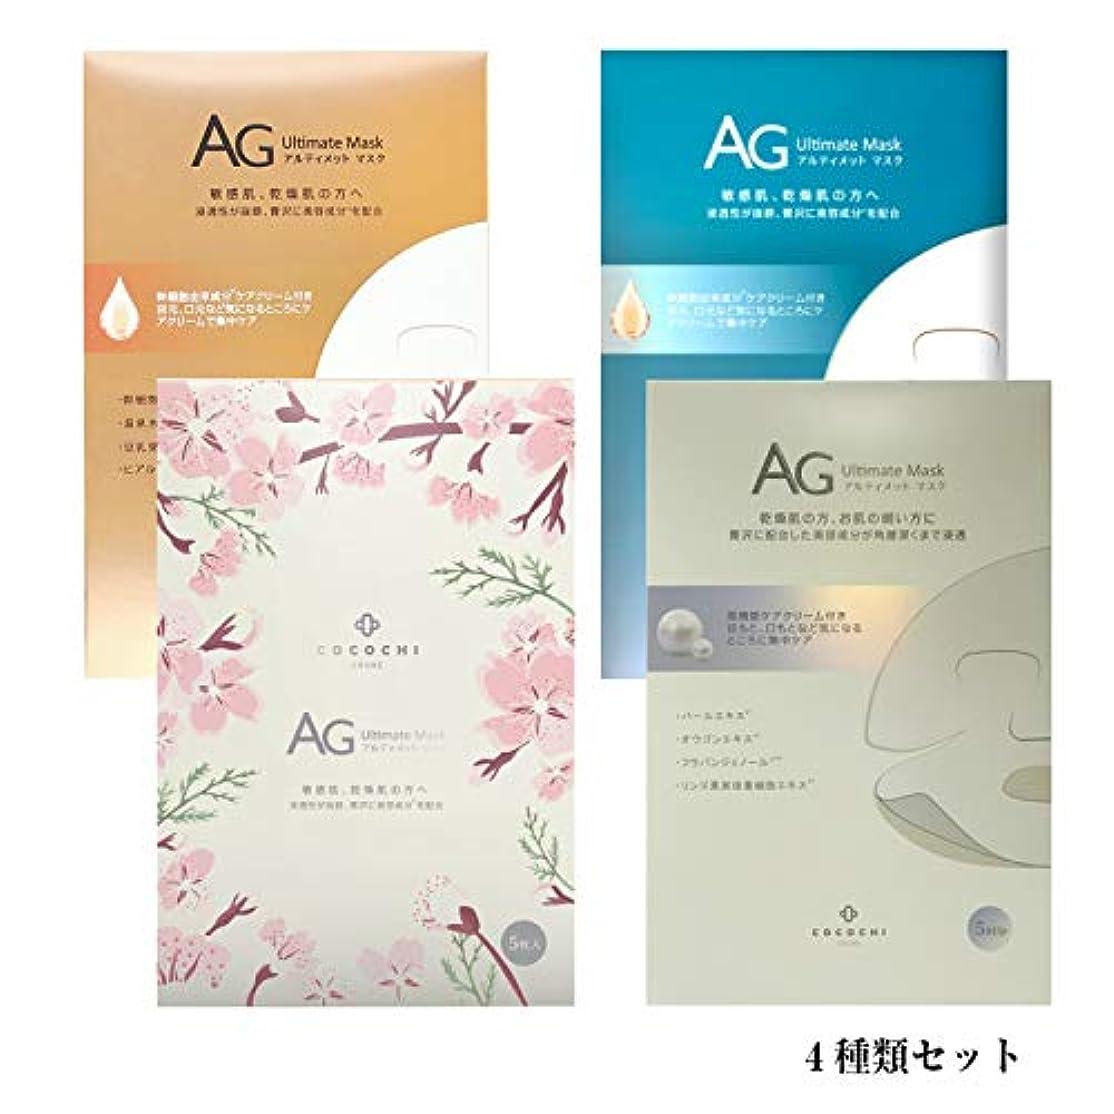 アラブ人アクチュエータめんどりAGアルティメットマスク 4種類セット AG アルティメットマスク/オーシャンマスク/さくら/アコヤ真珠マスク